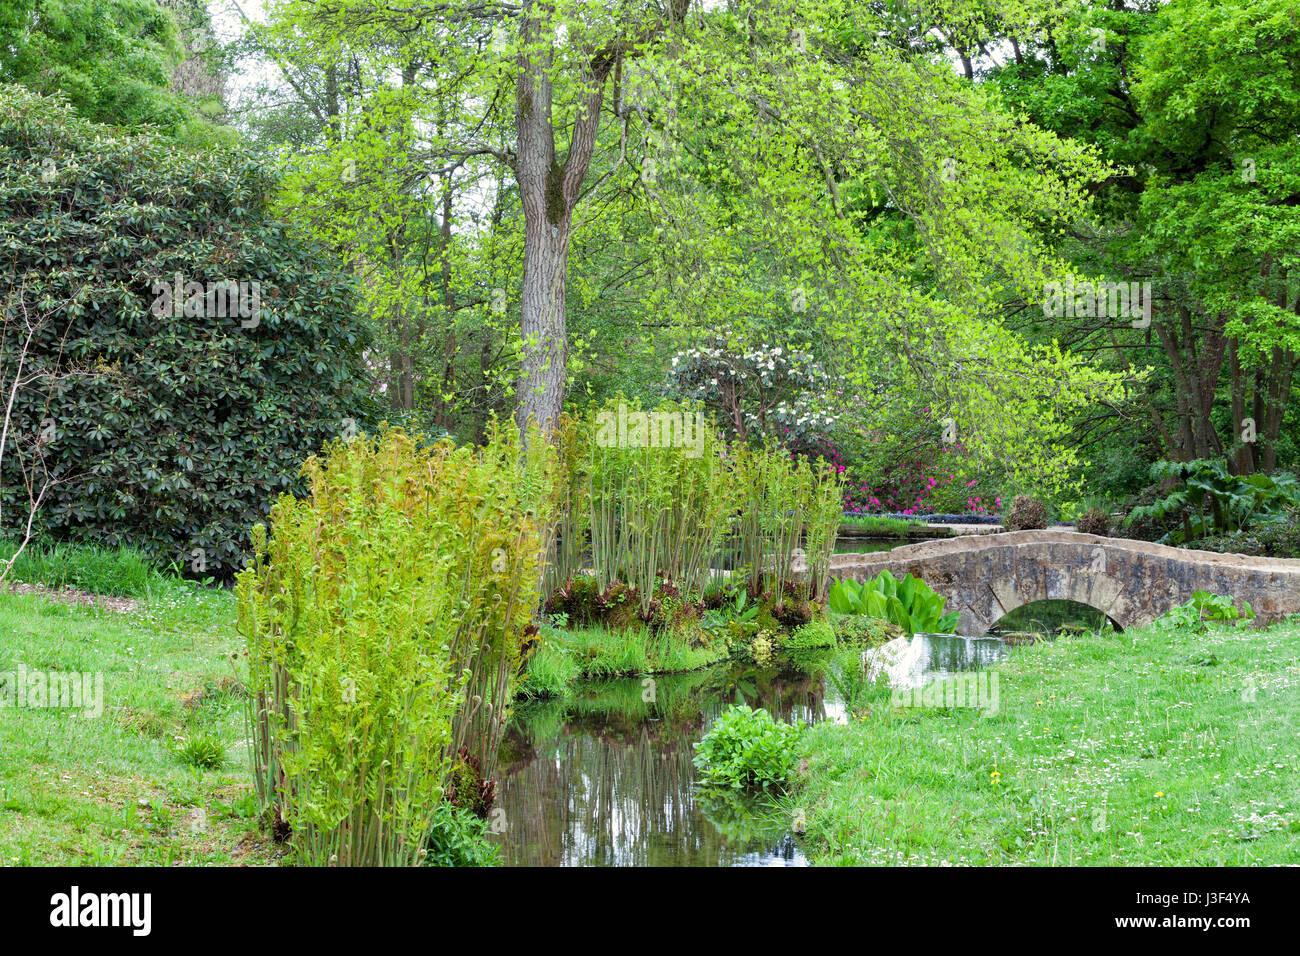 Jard n con un viejo puente de piedra sobre un peque o r o for Arbustos jardin pequeno